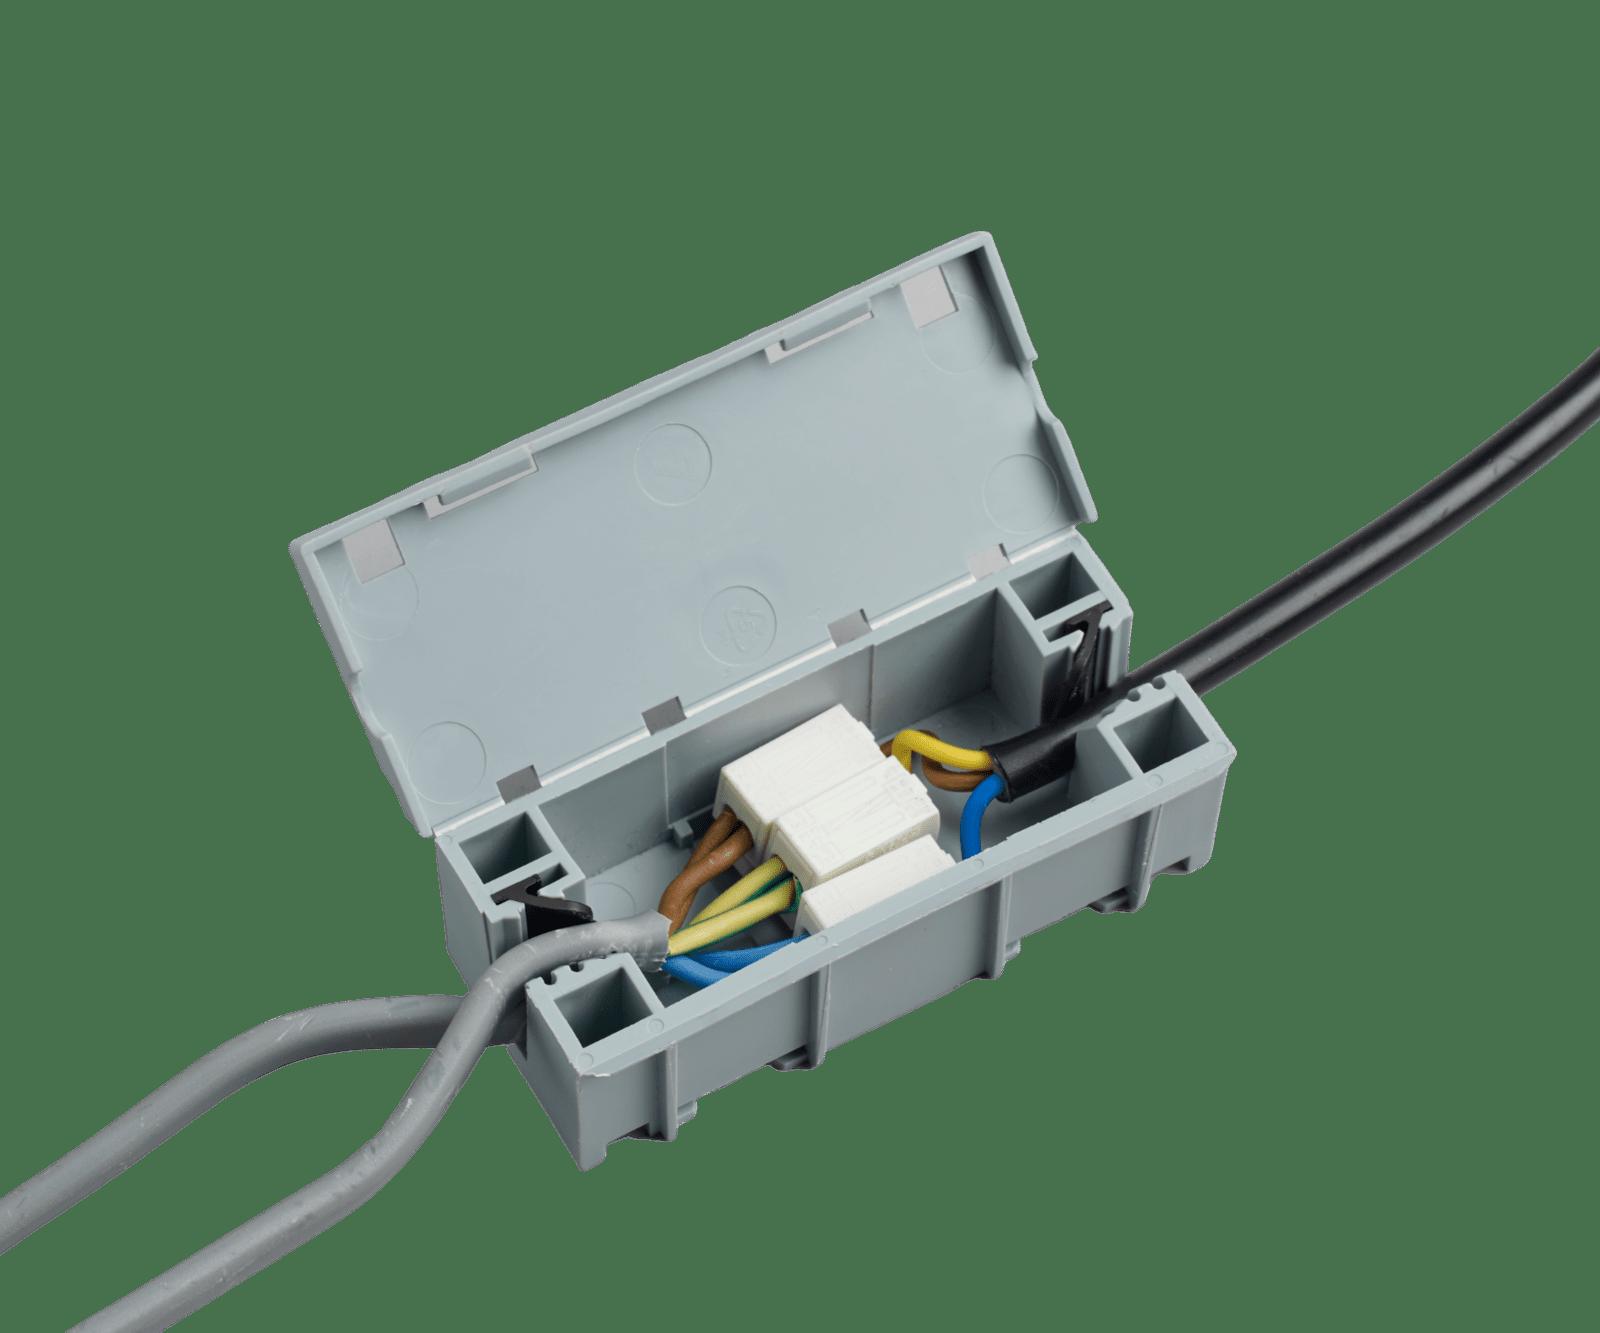 Wago BOX wagobox Connector Housing Scatola di derivazione Enclosure